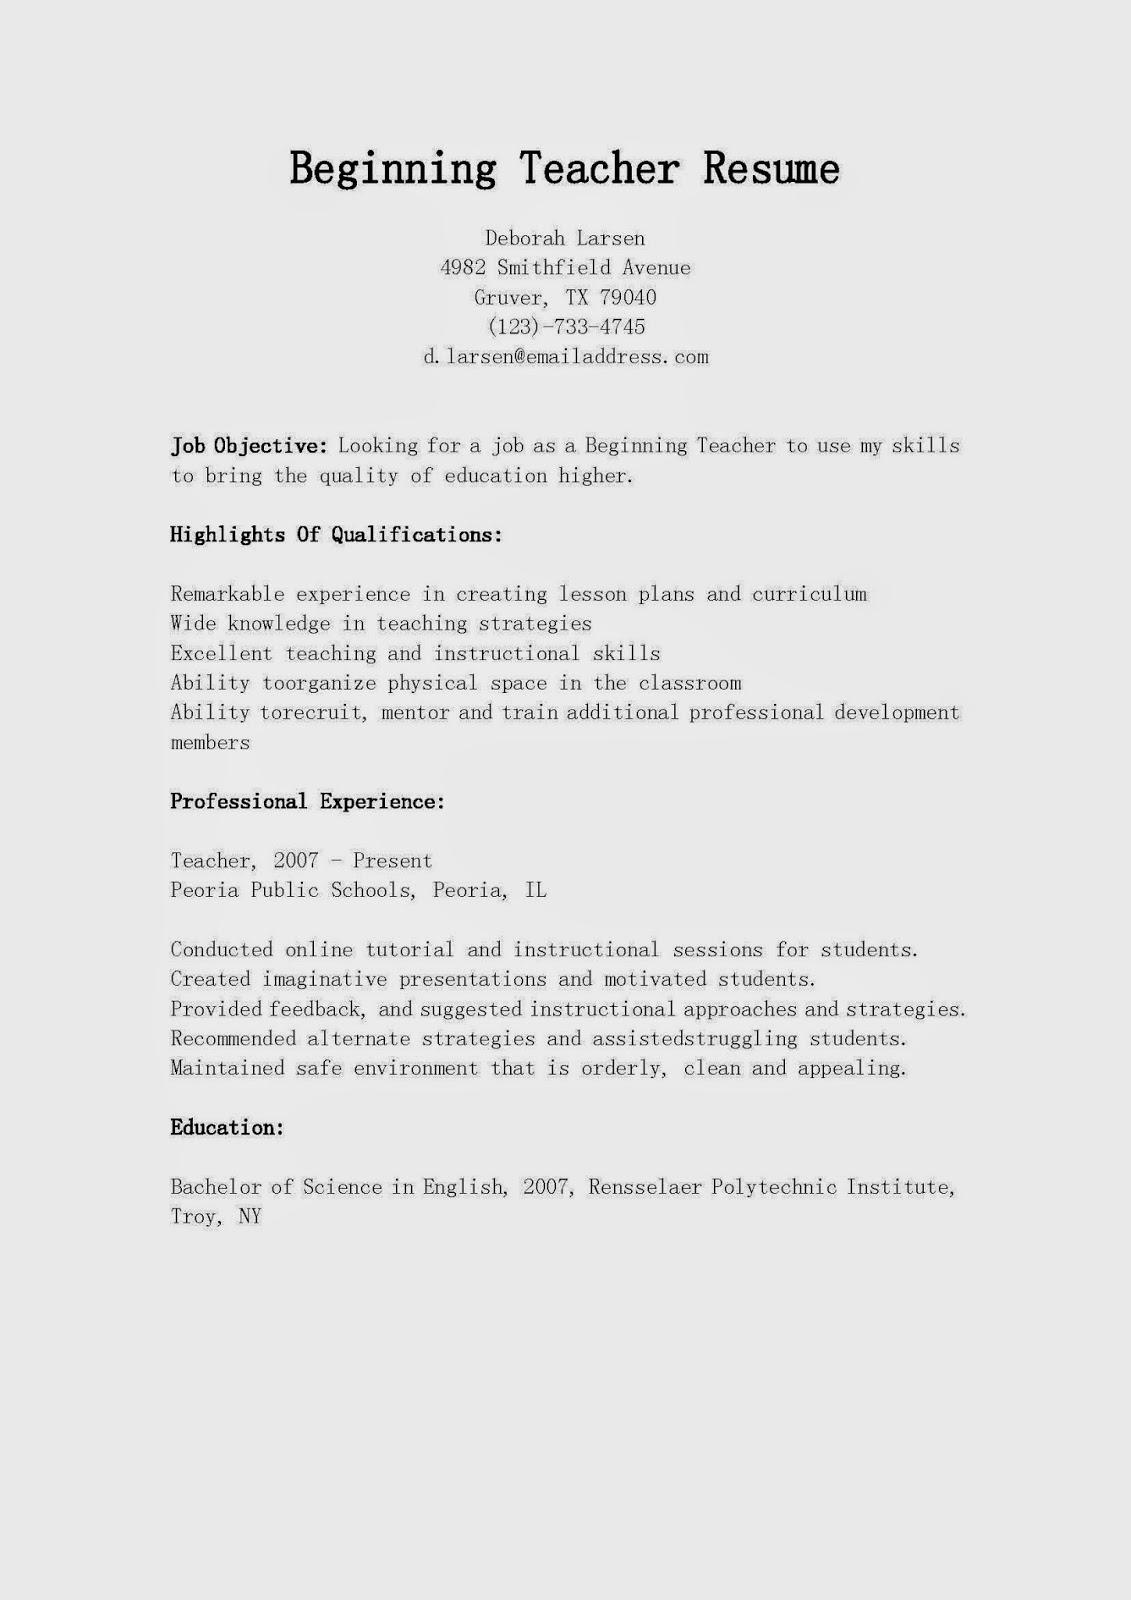 beginner teacher resume examples